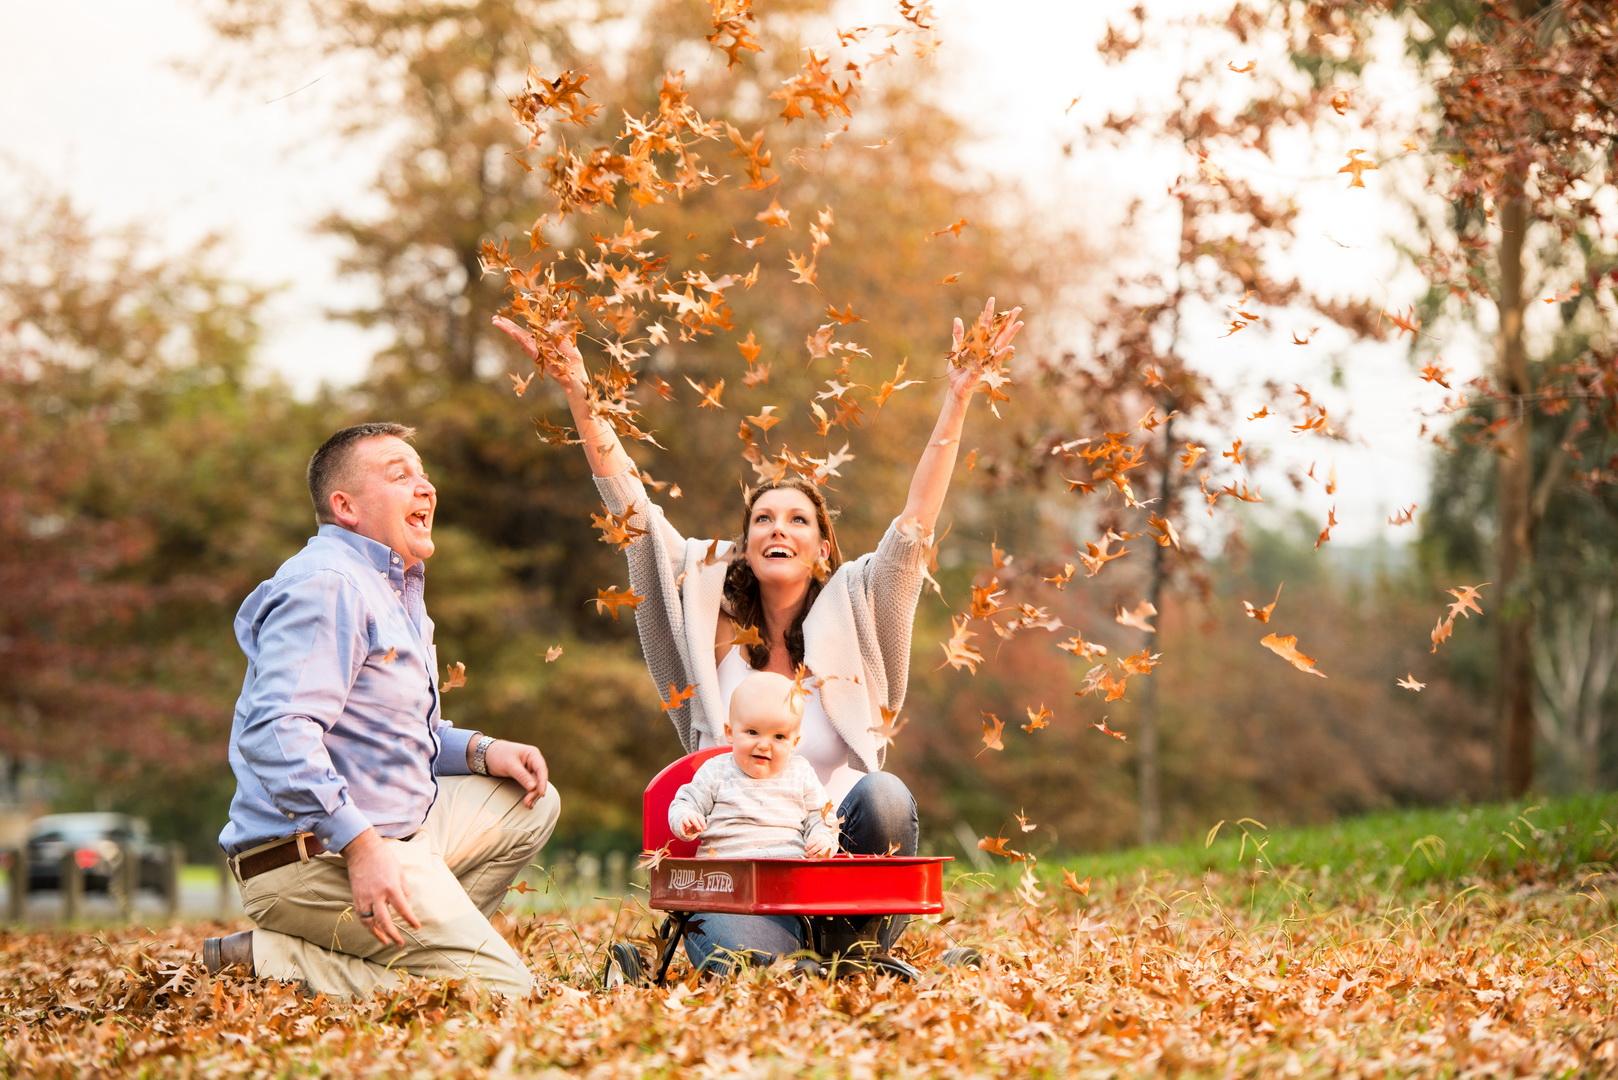 Идеи для осеннего фото с малышом